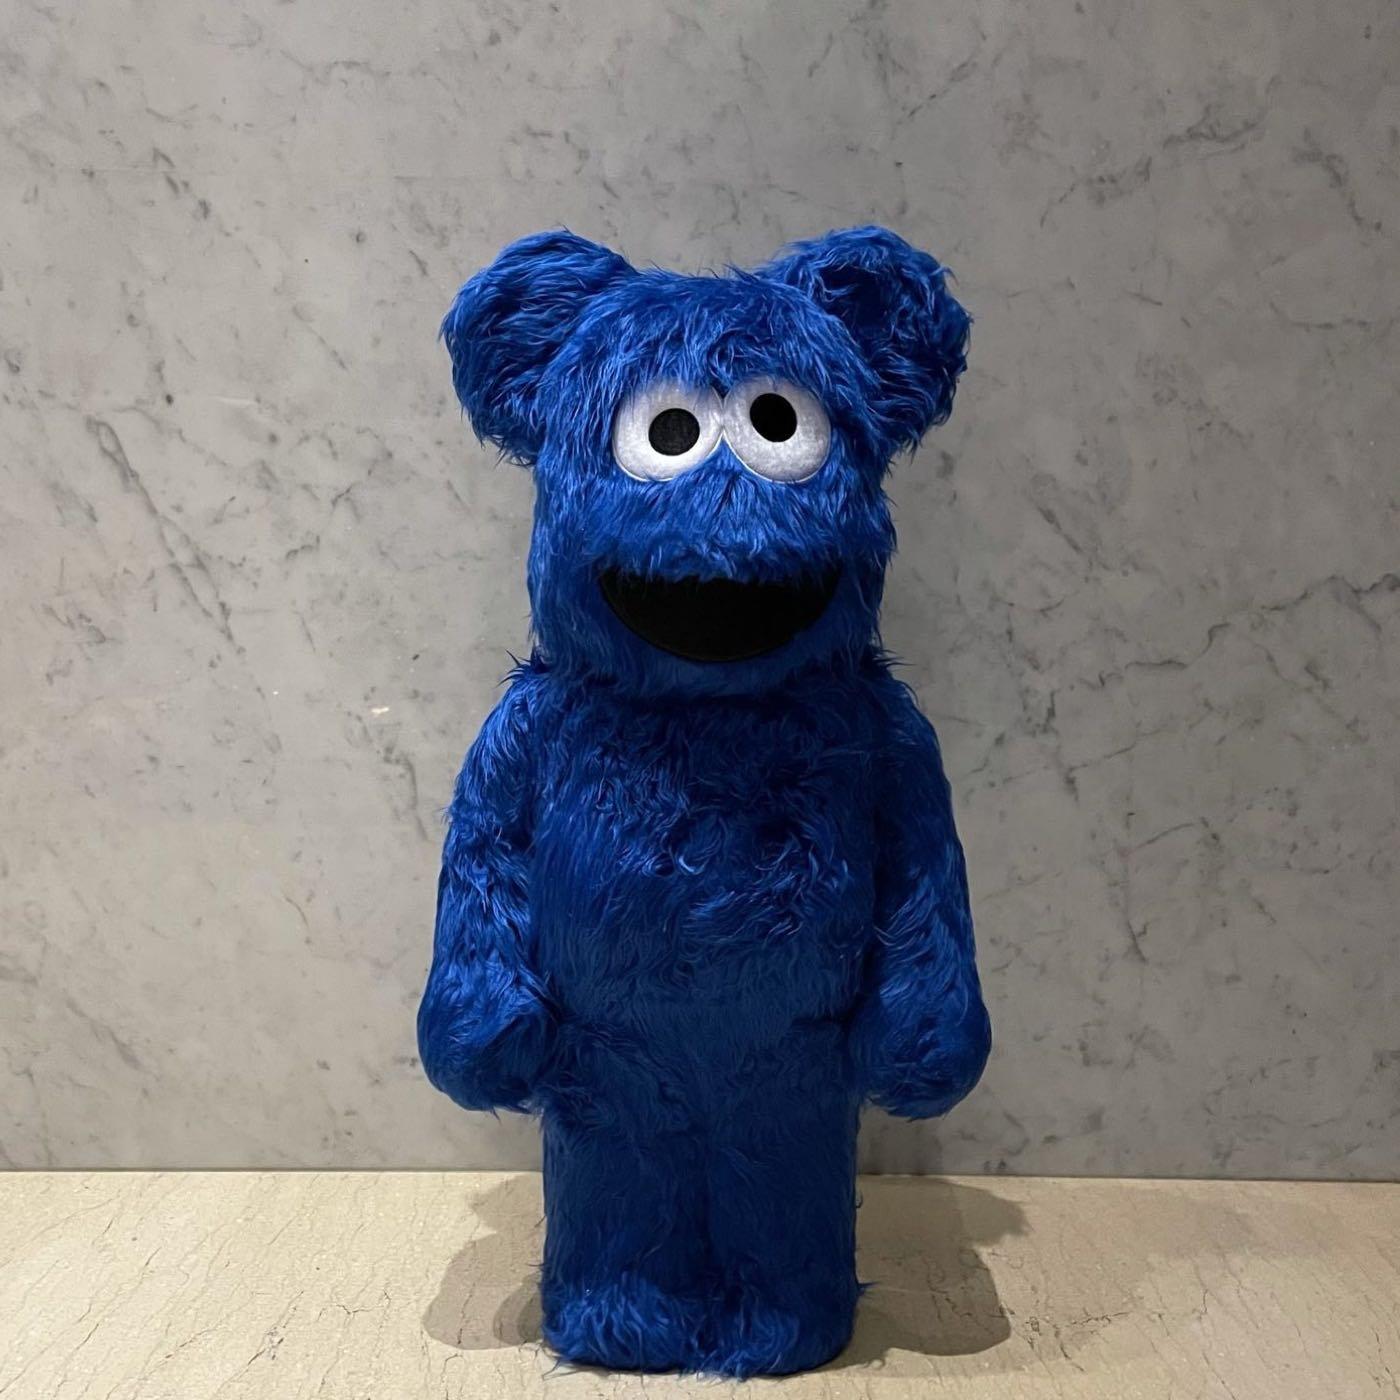 台灣公司貨 Cookie Monster x Be@rbrick 1000% 庫柏力克 熊 餅乾怪獸 全新正品